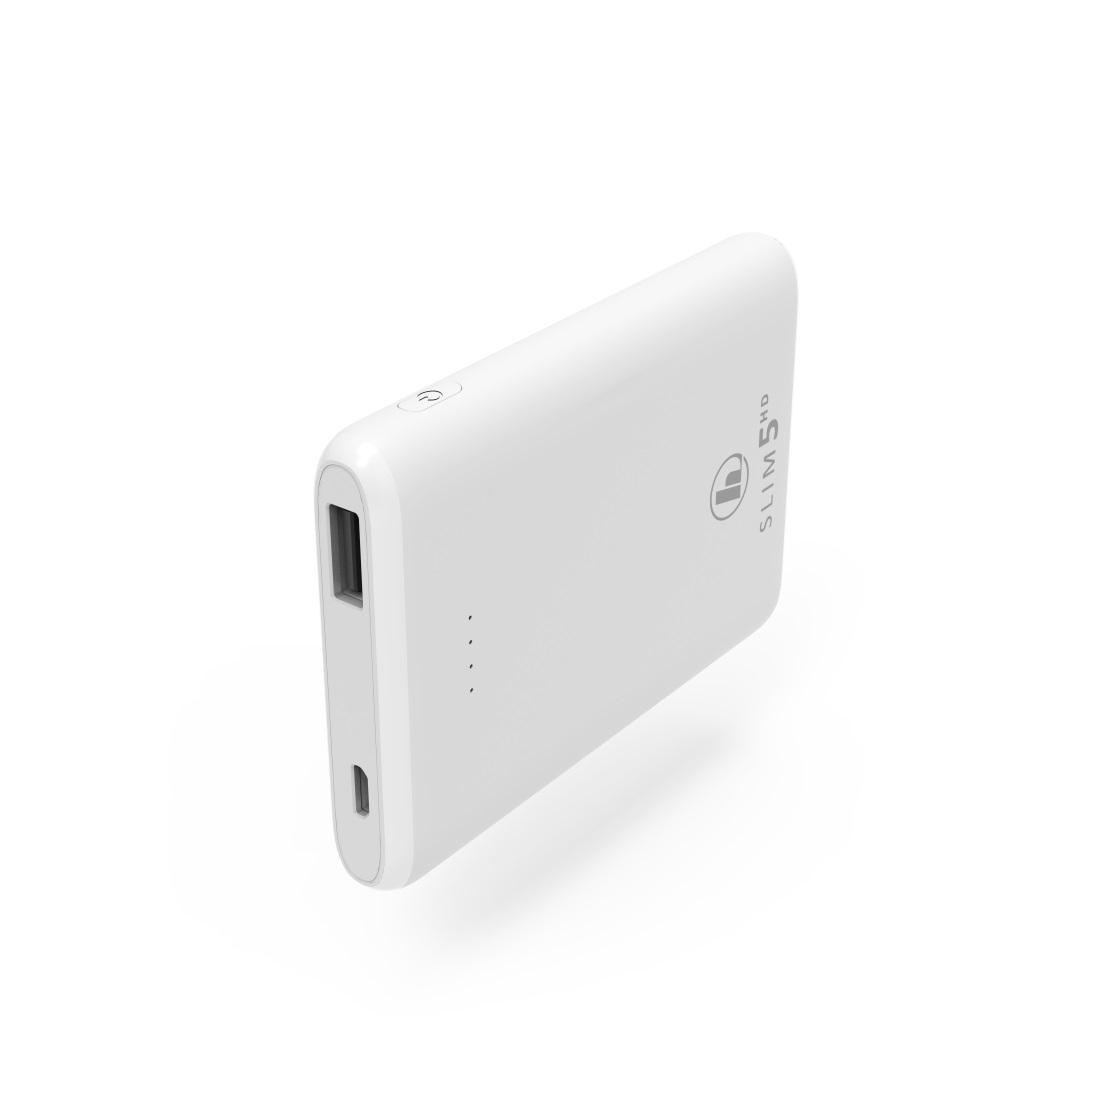 Външна батерия HAMA SLIM 5HD, 5000 mAh, LiPolym, USB-A, Бял